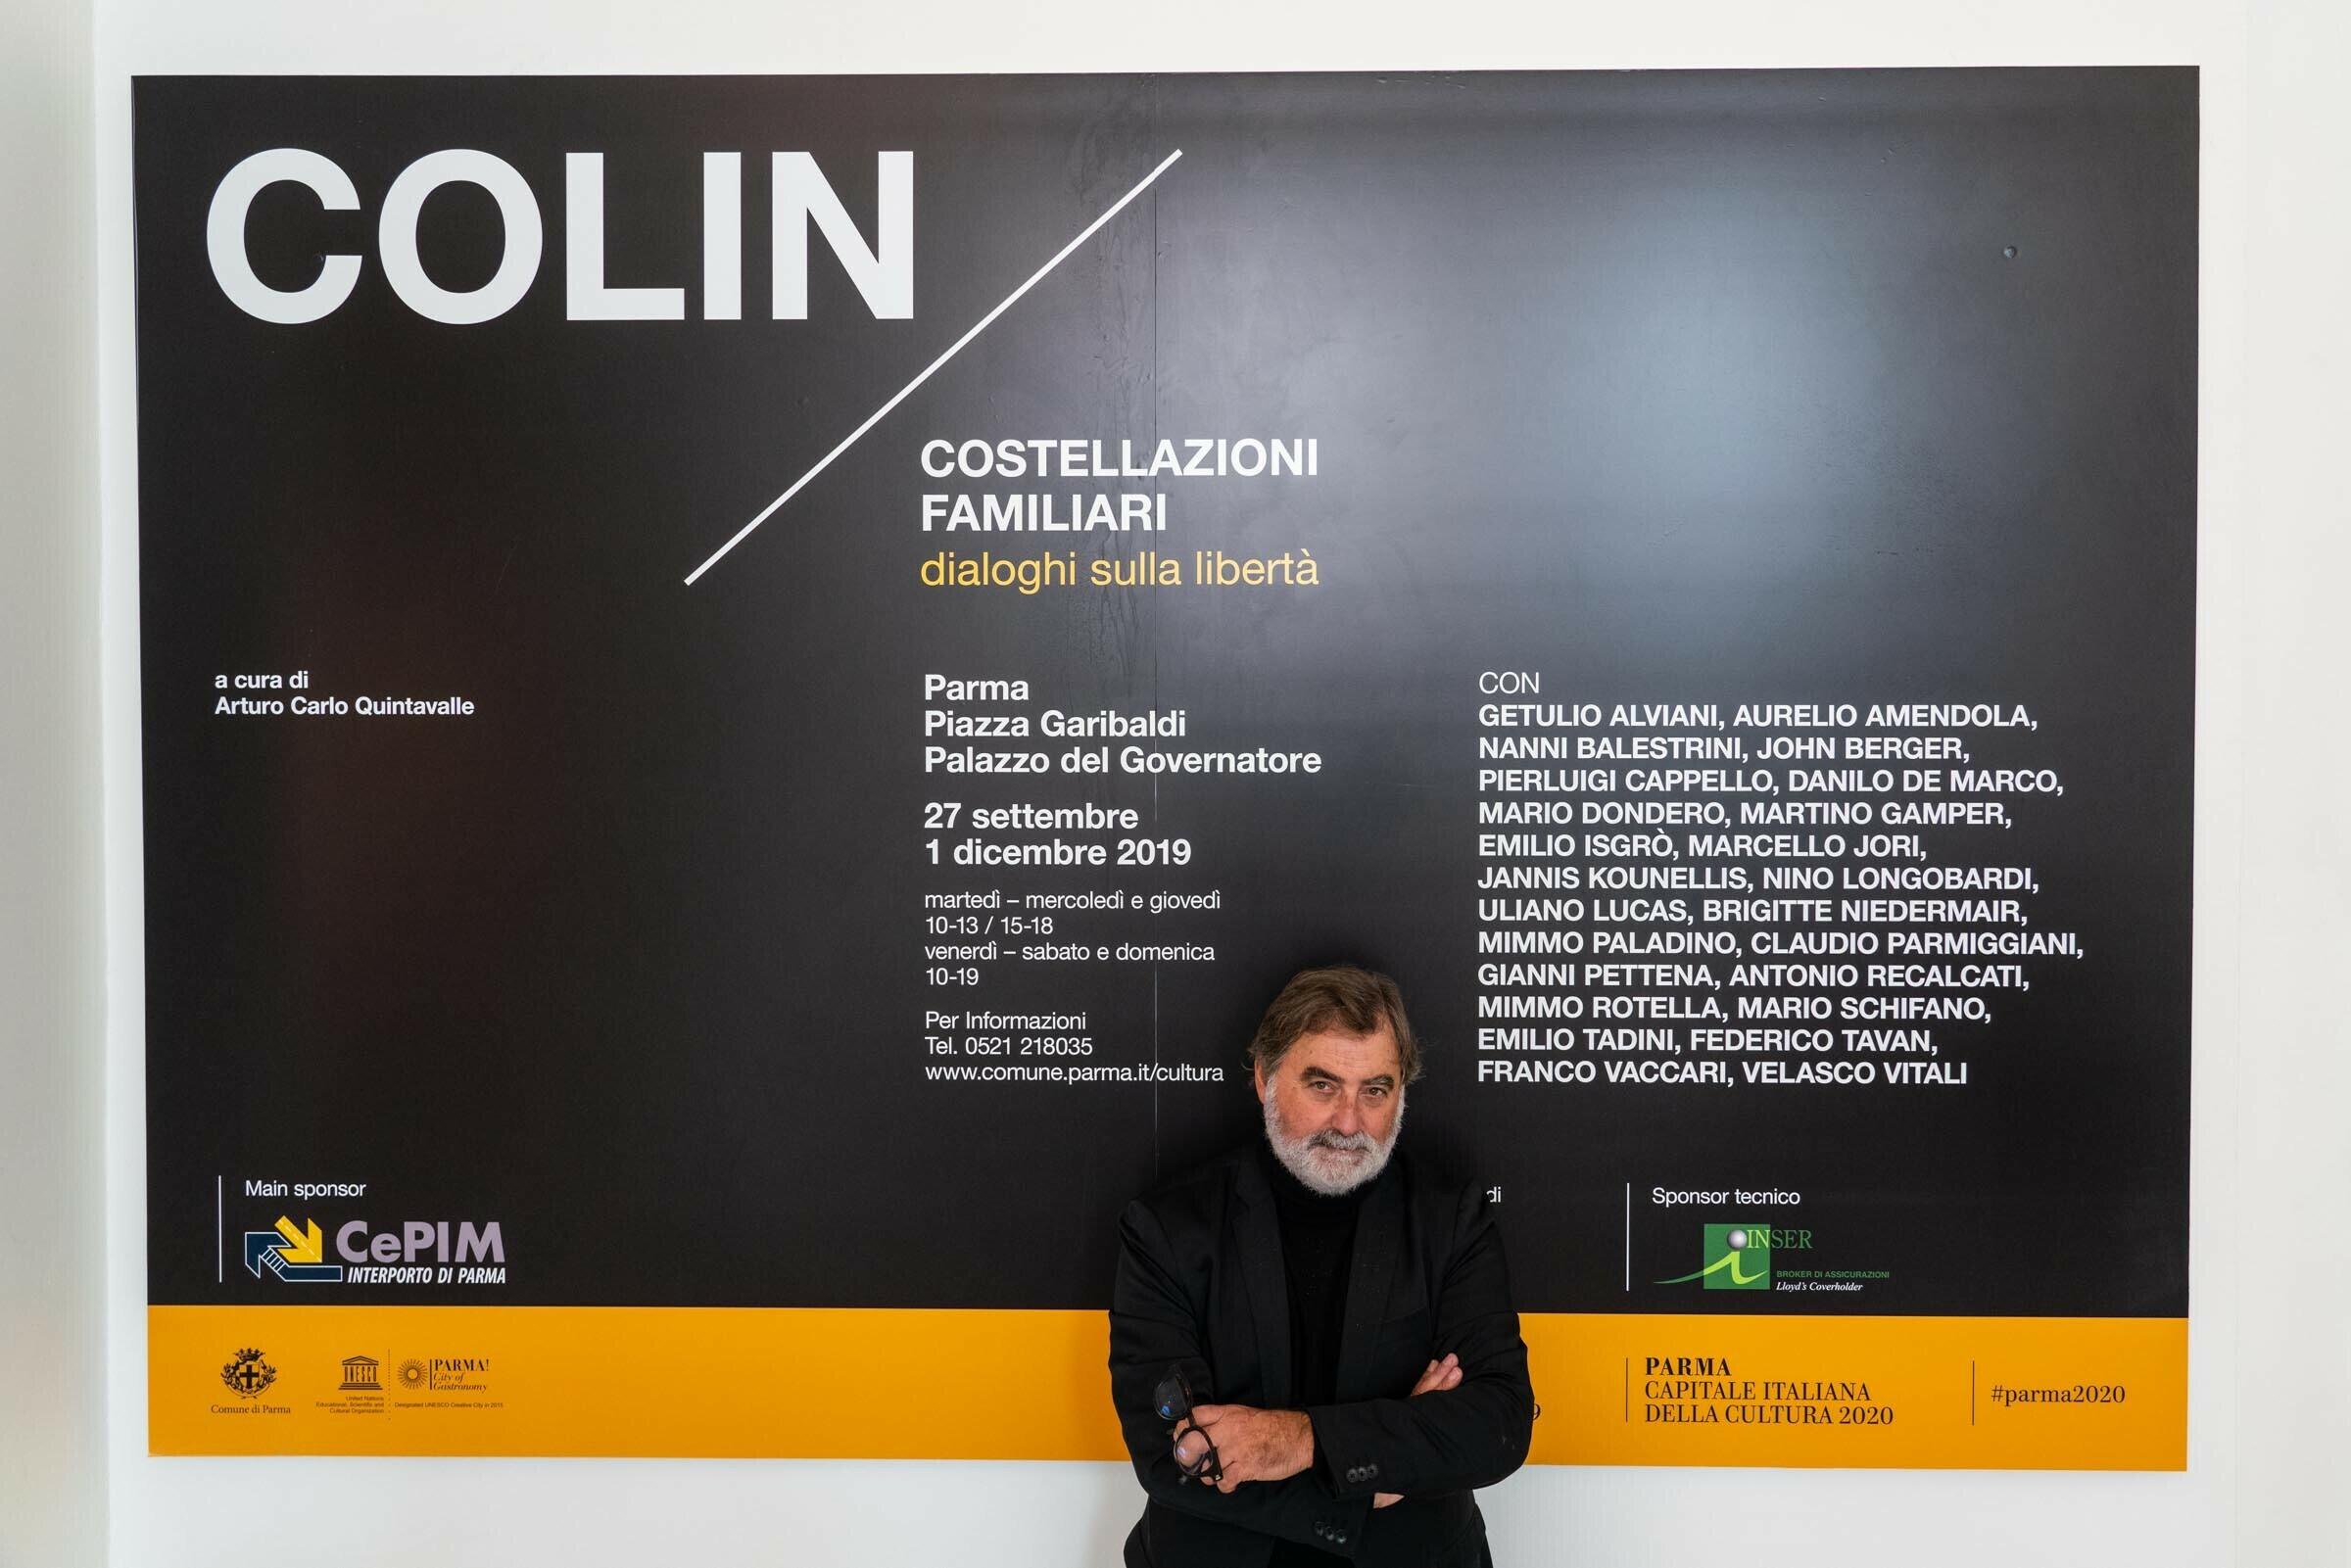 Musica alla mostra Costellazioni Familiari, concerto gratuito di Vanni Montanari e Donato D'Antonio.